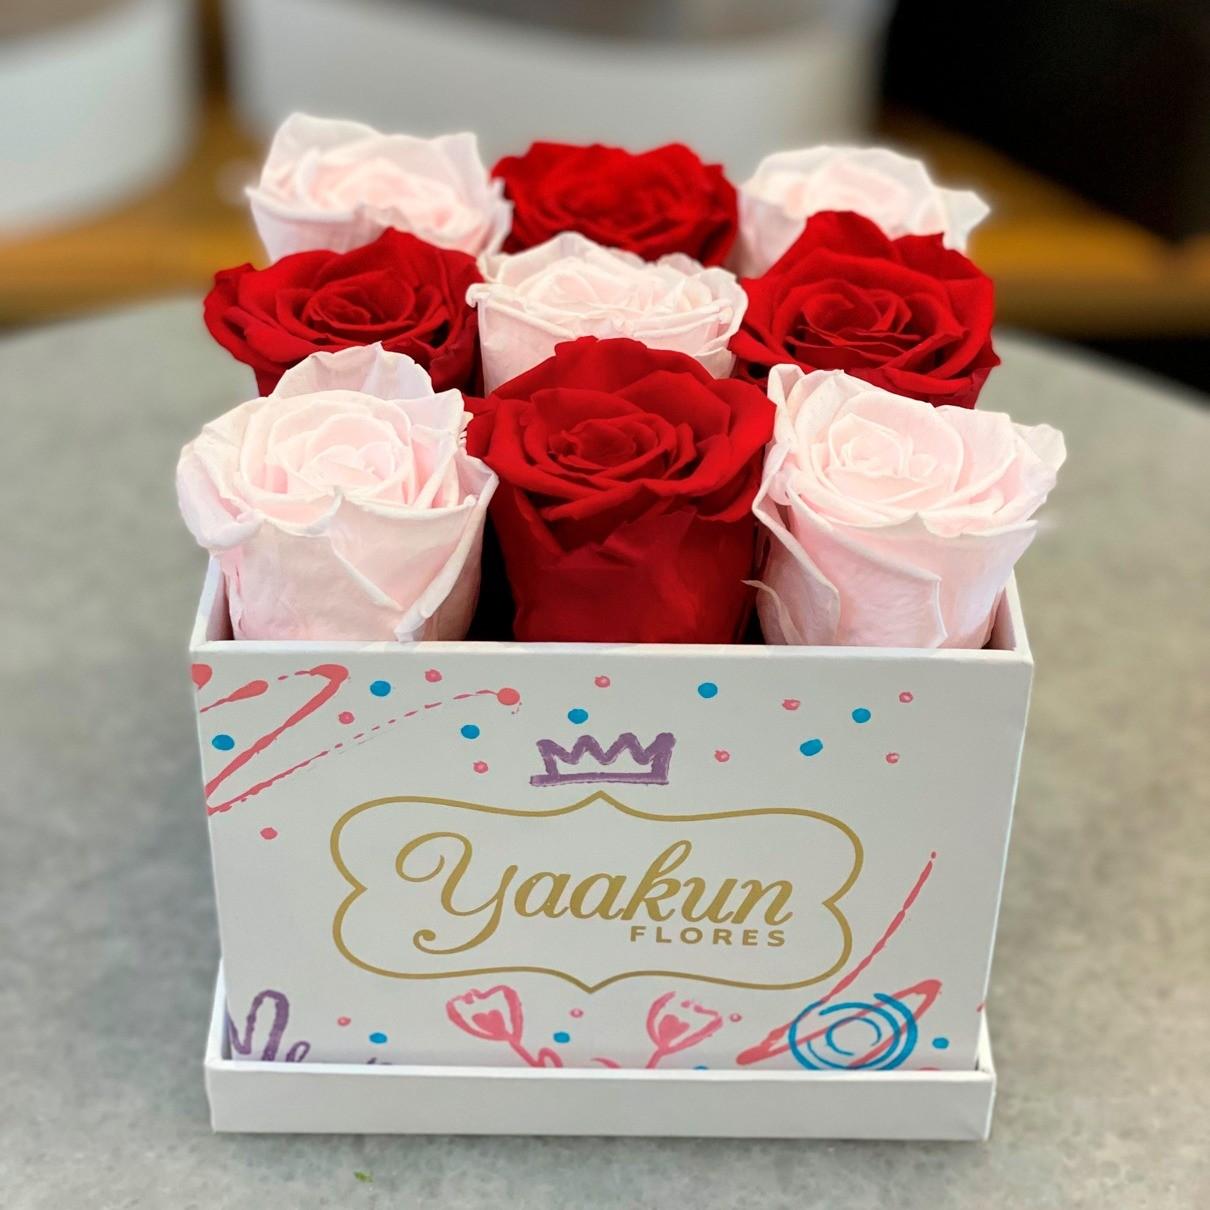 Rosas eternas en caja cuadrada chica edición especial pink and red